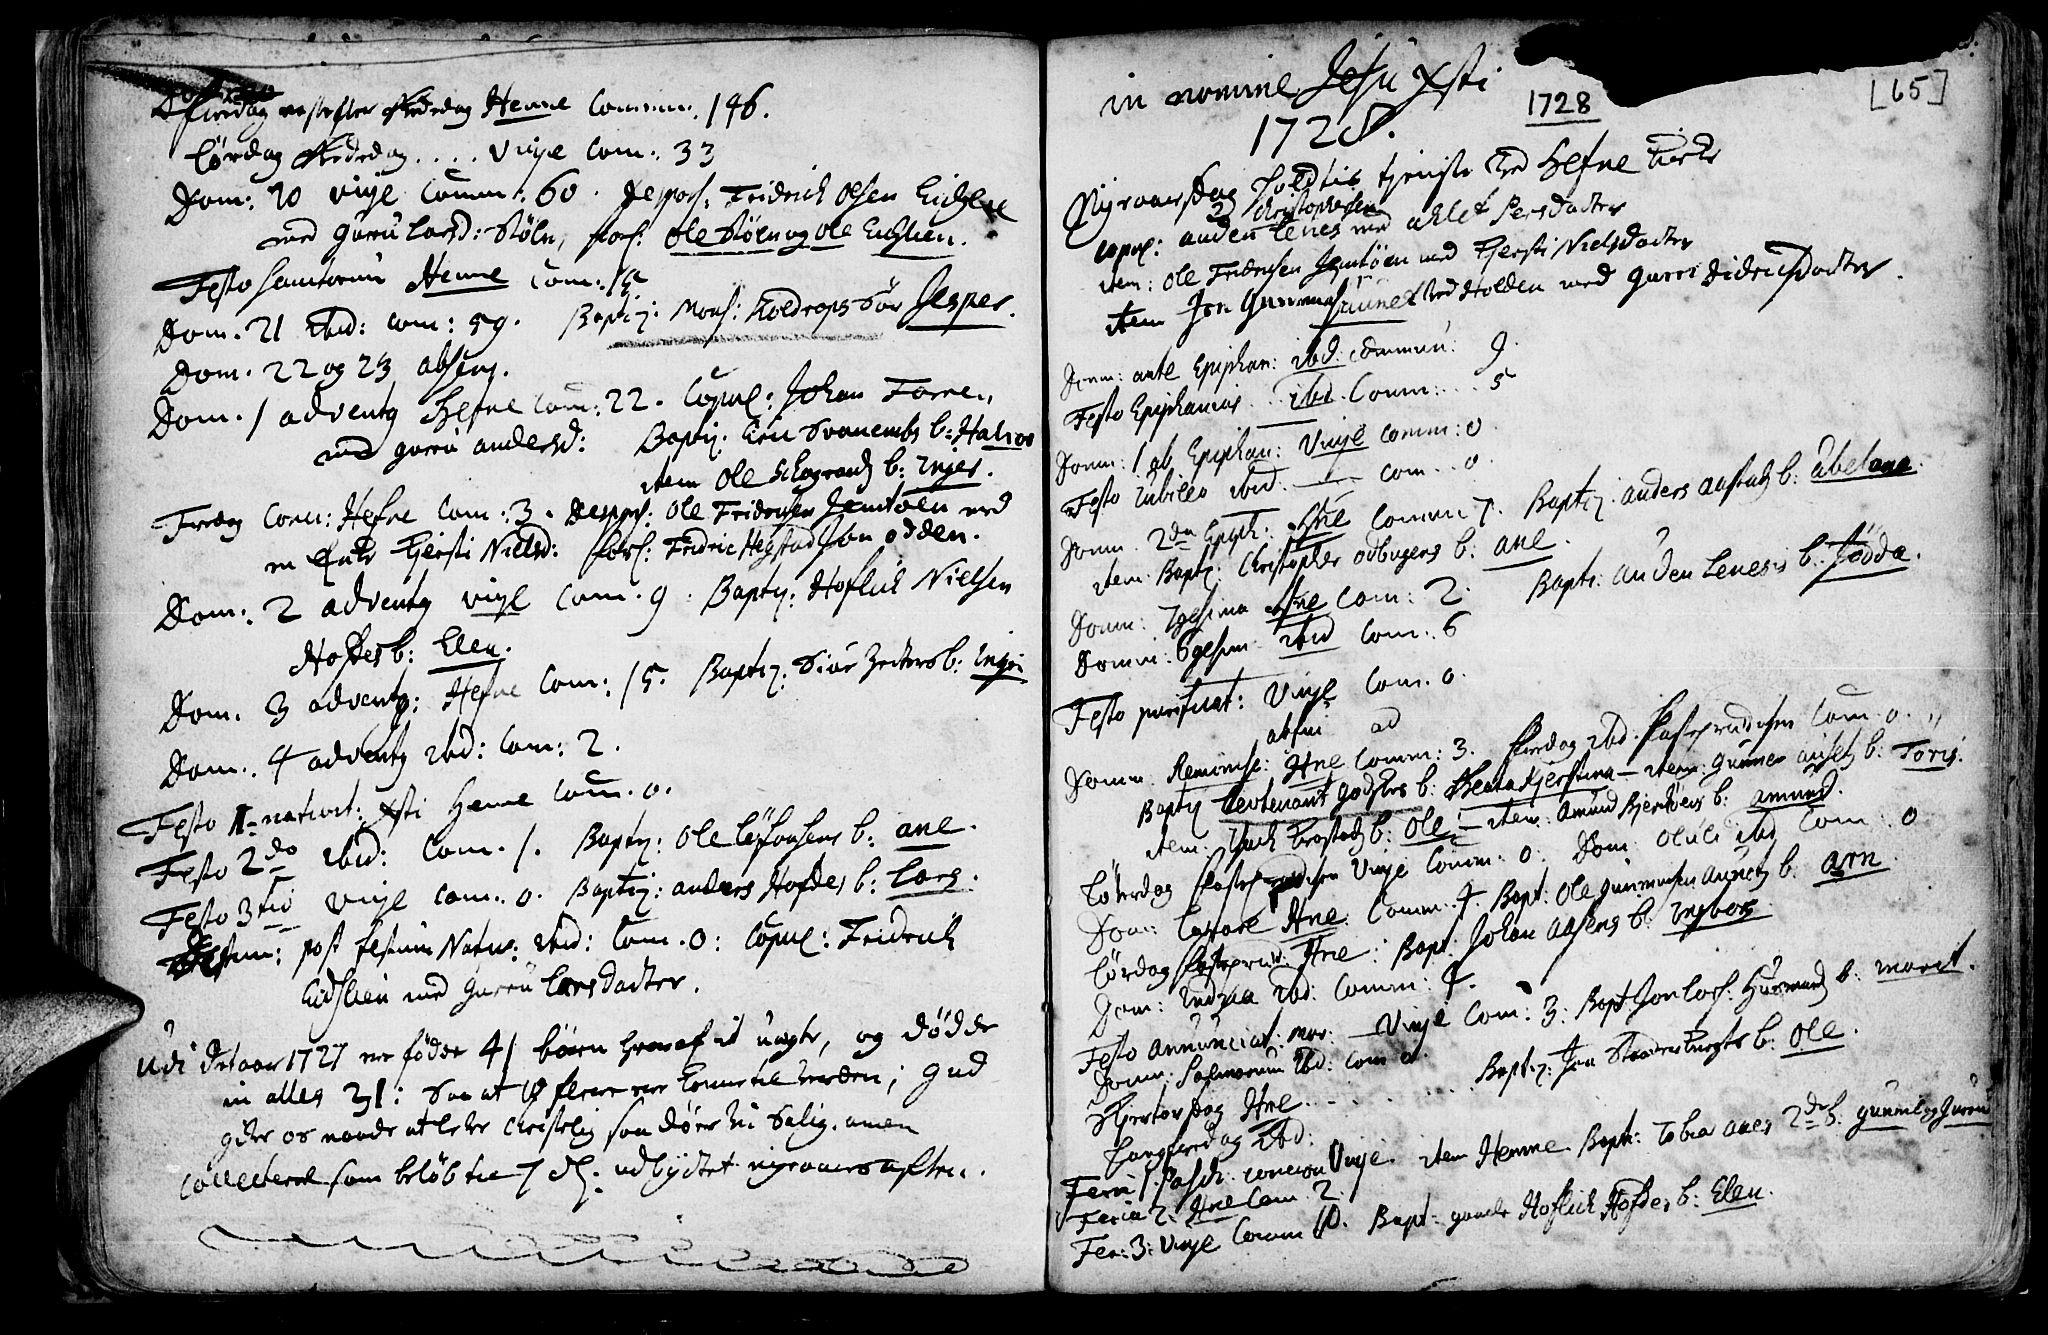 SAT, Ministerialprotokoller, klokkerbøker og fødselsregistre - Sør-Trøndelag, 630/L0488: Ministerialbok nr. 630A01, 1717-1756, s. 64-65